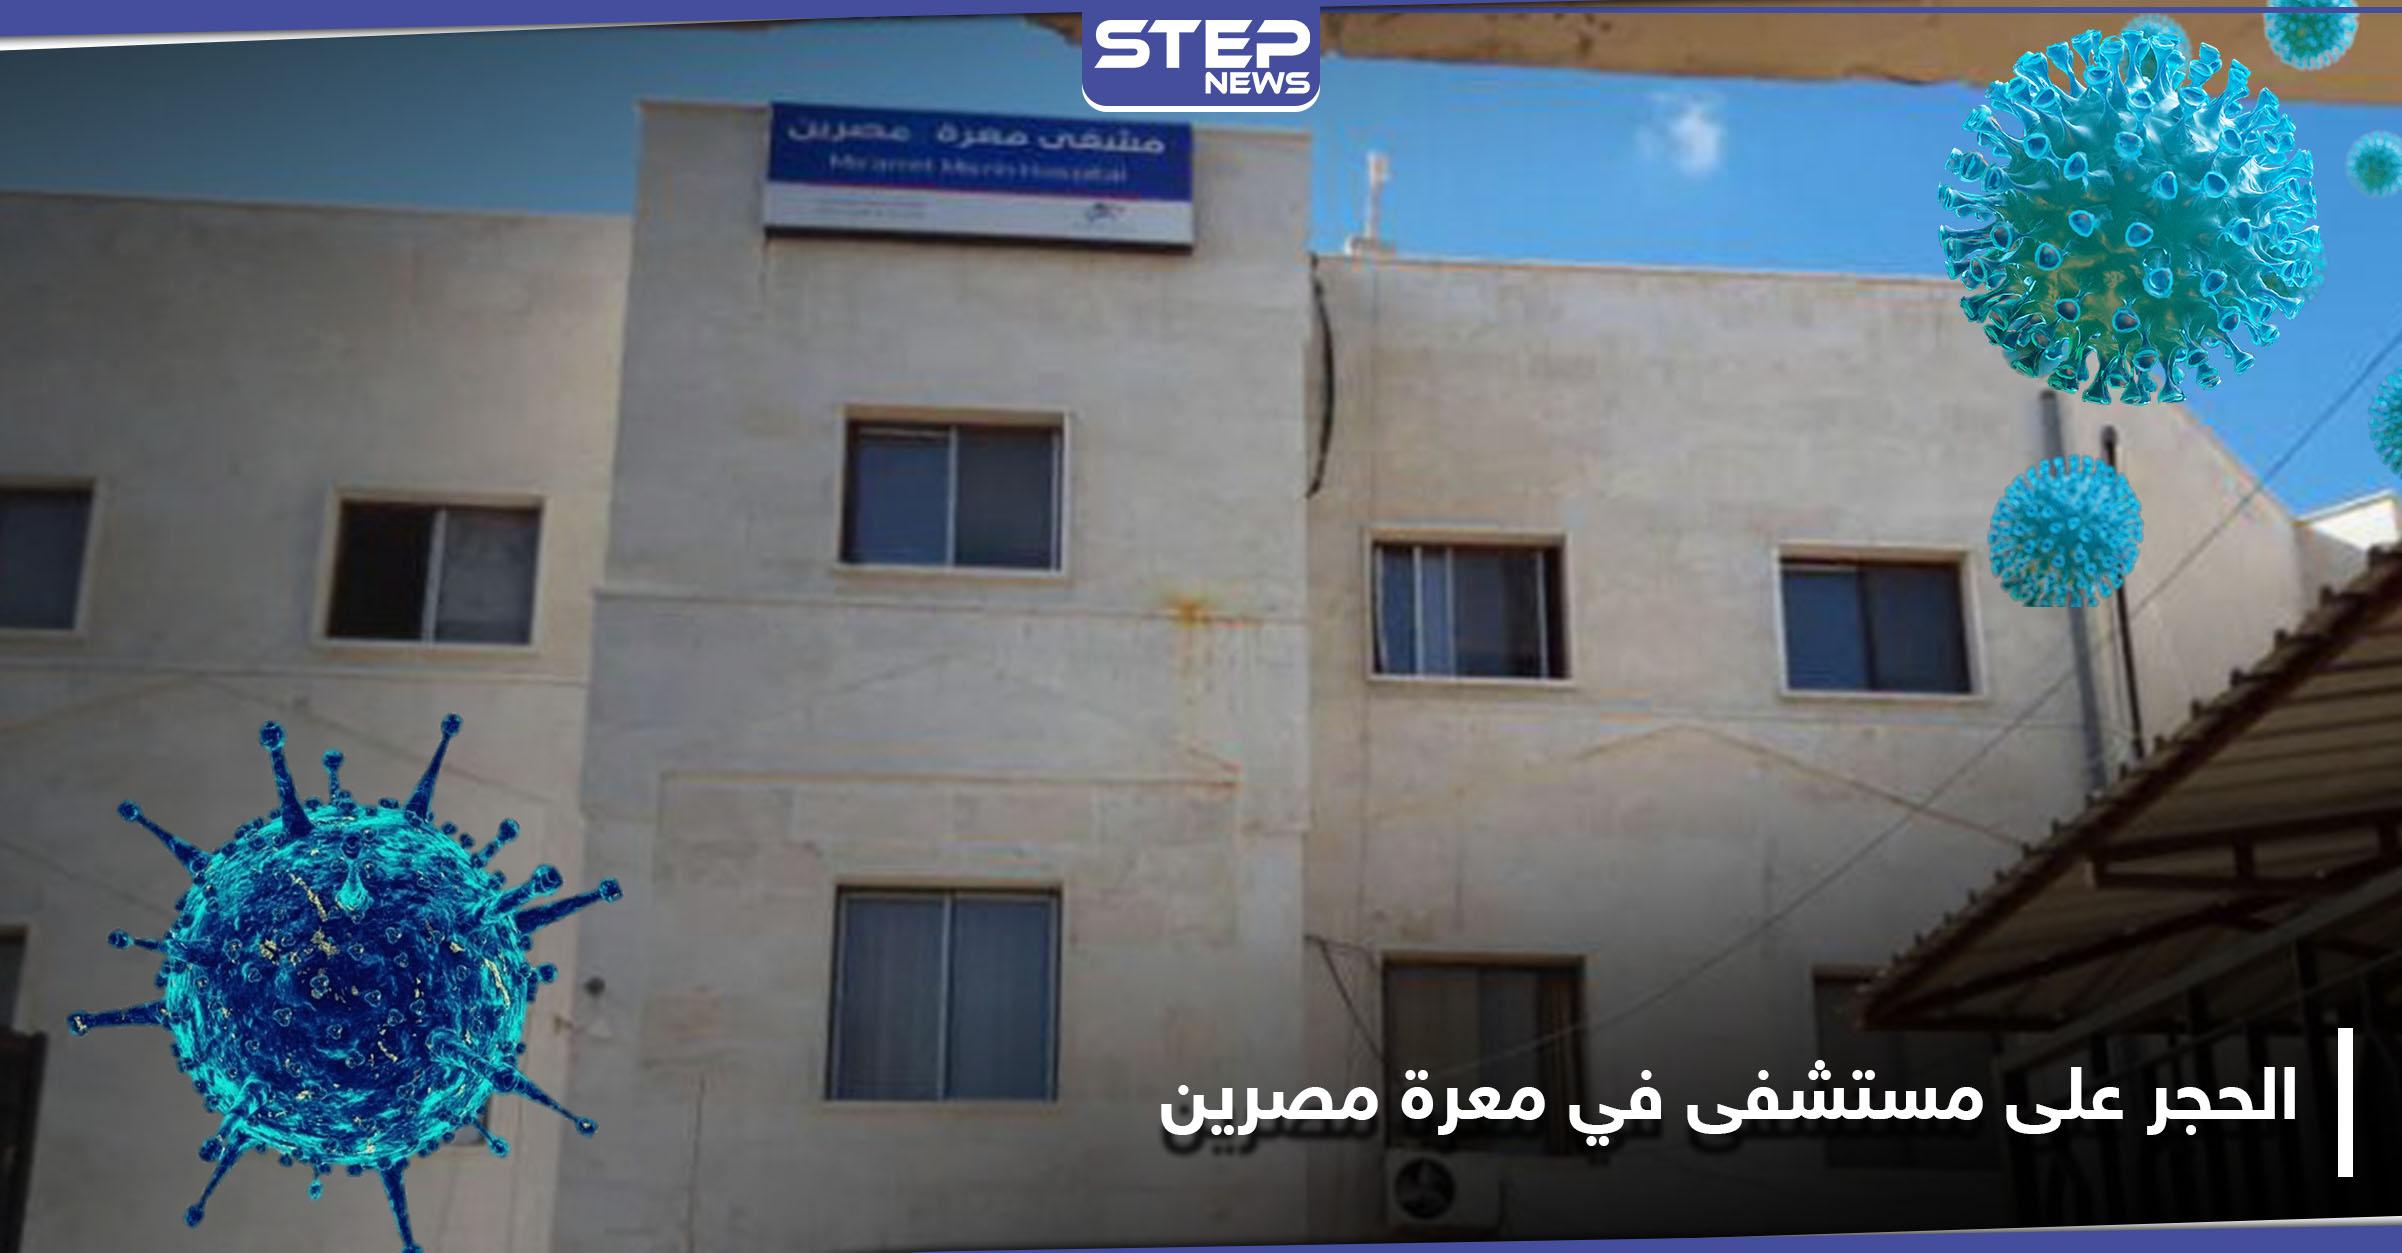 الحجر على مستشفى في معرة مصرين نتيجة الكورونا